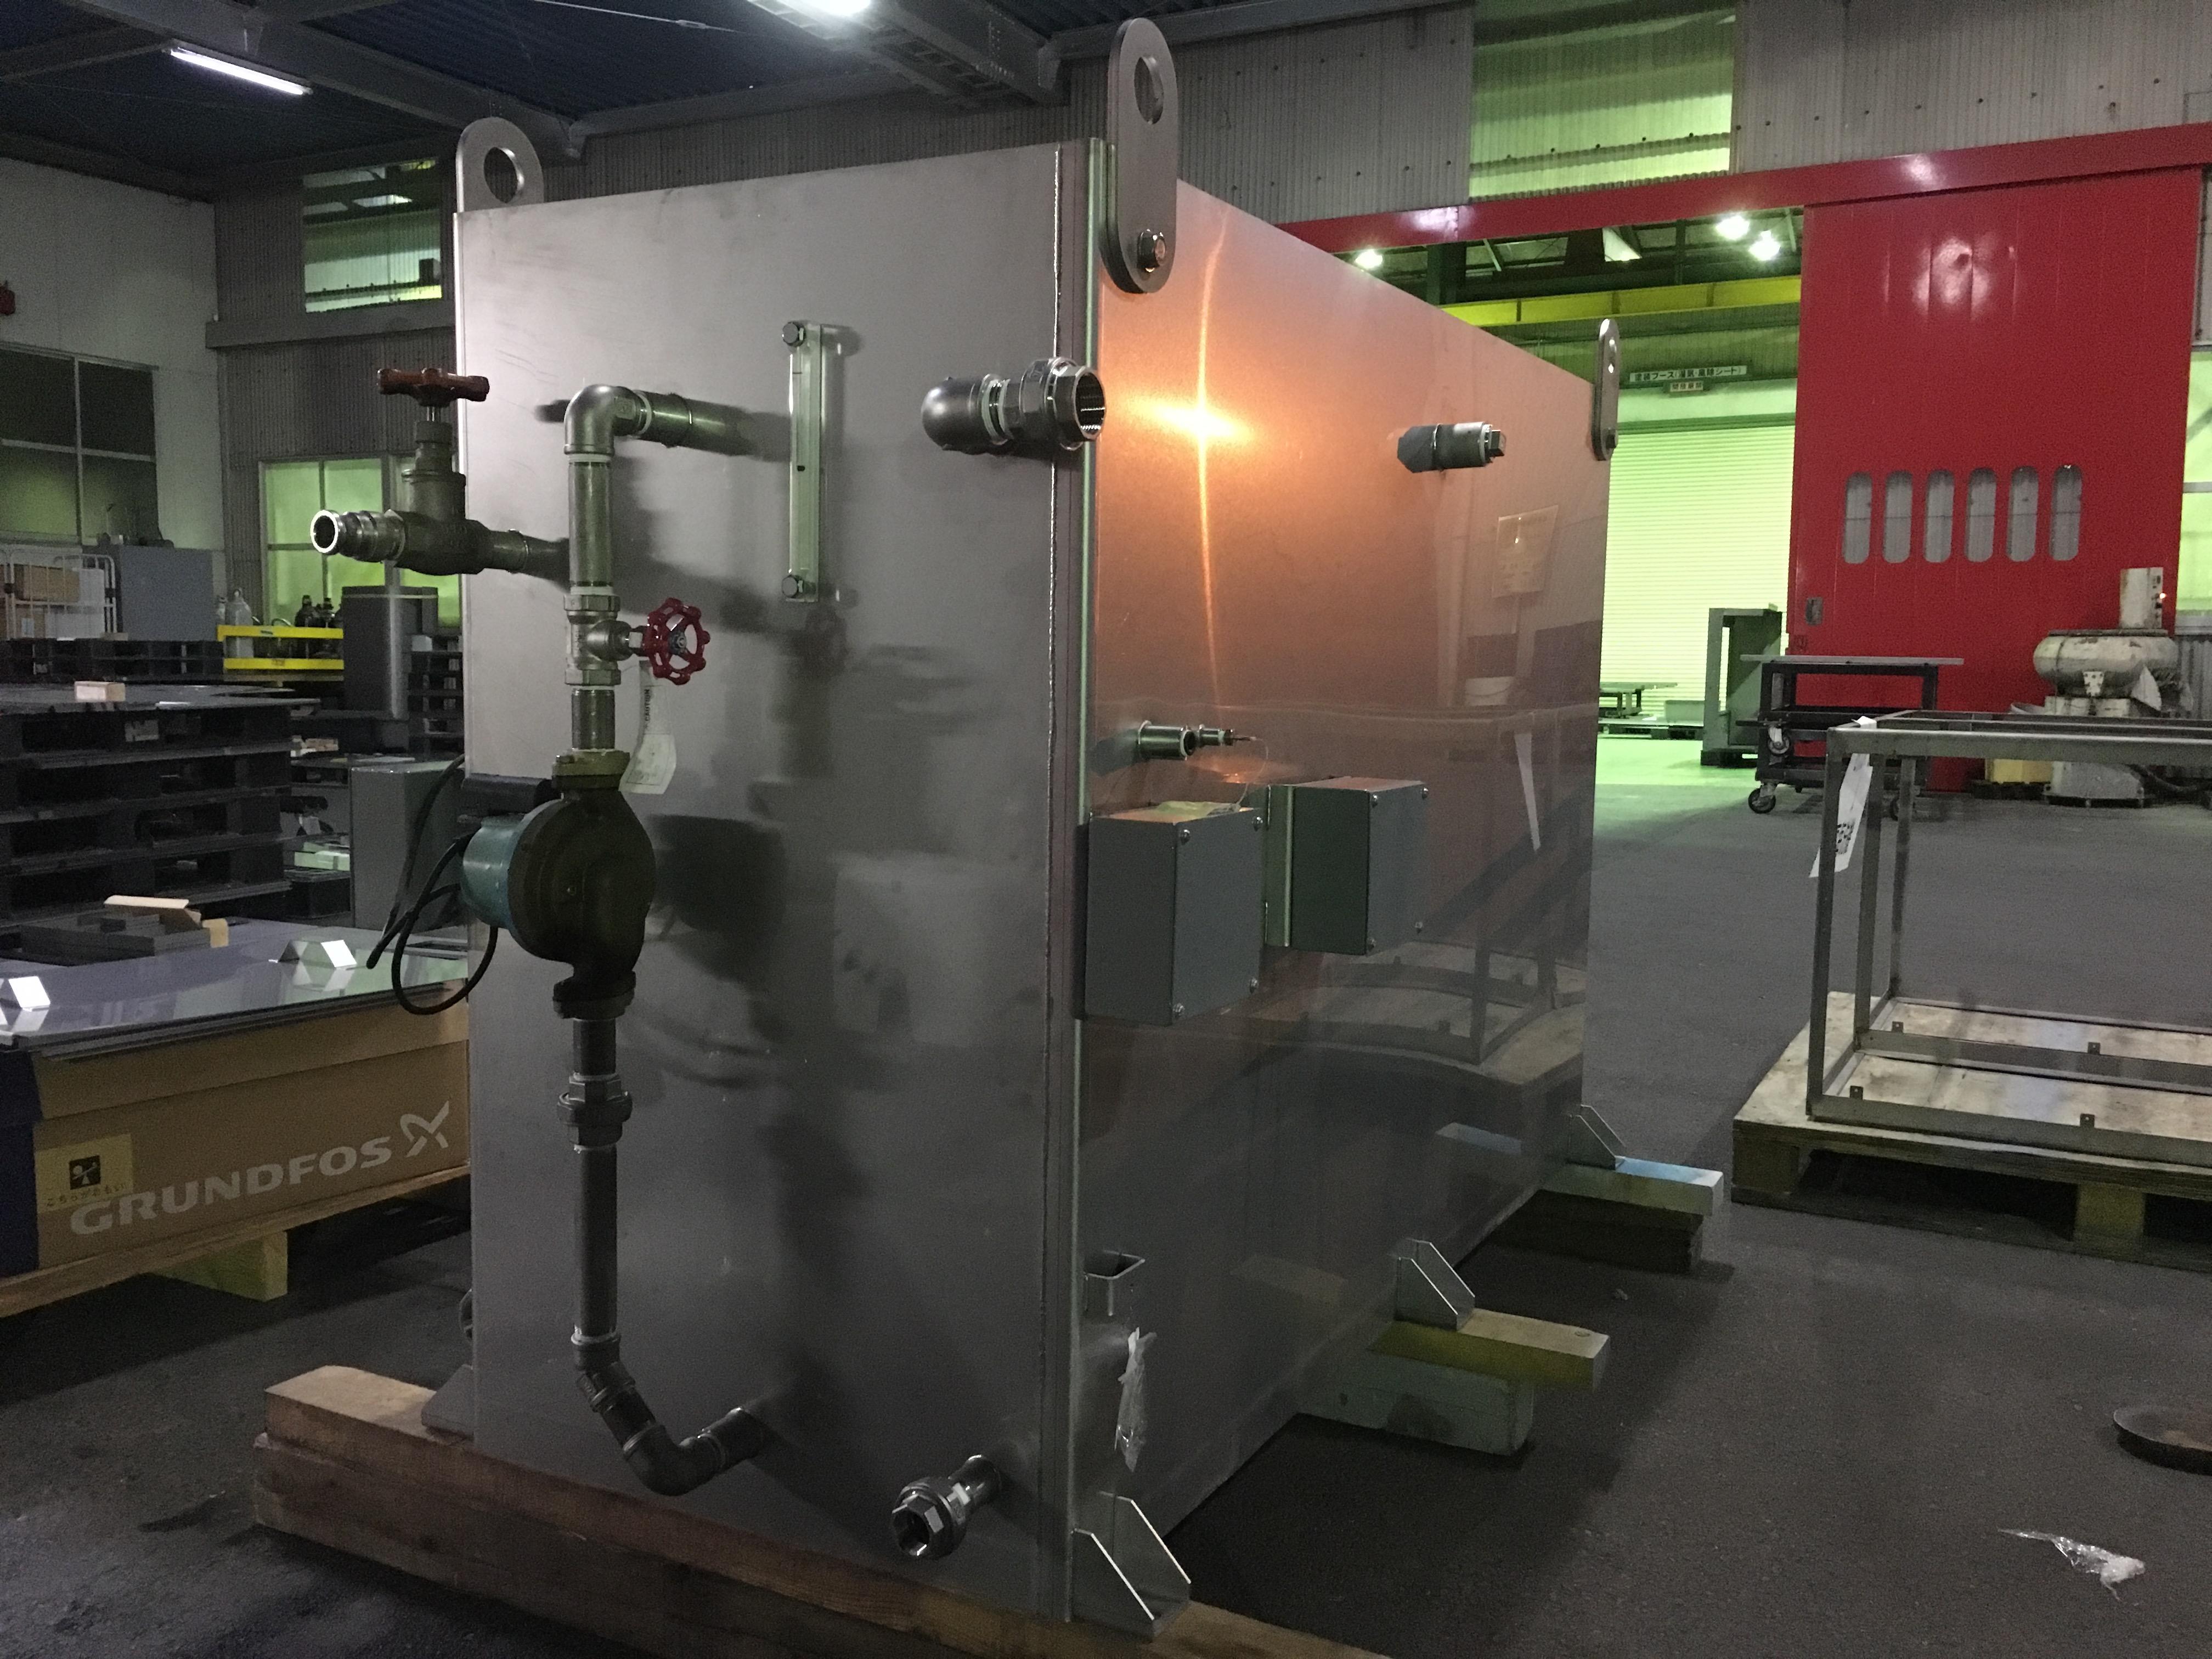 熱酒機タンク装置